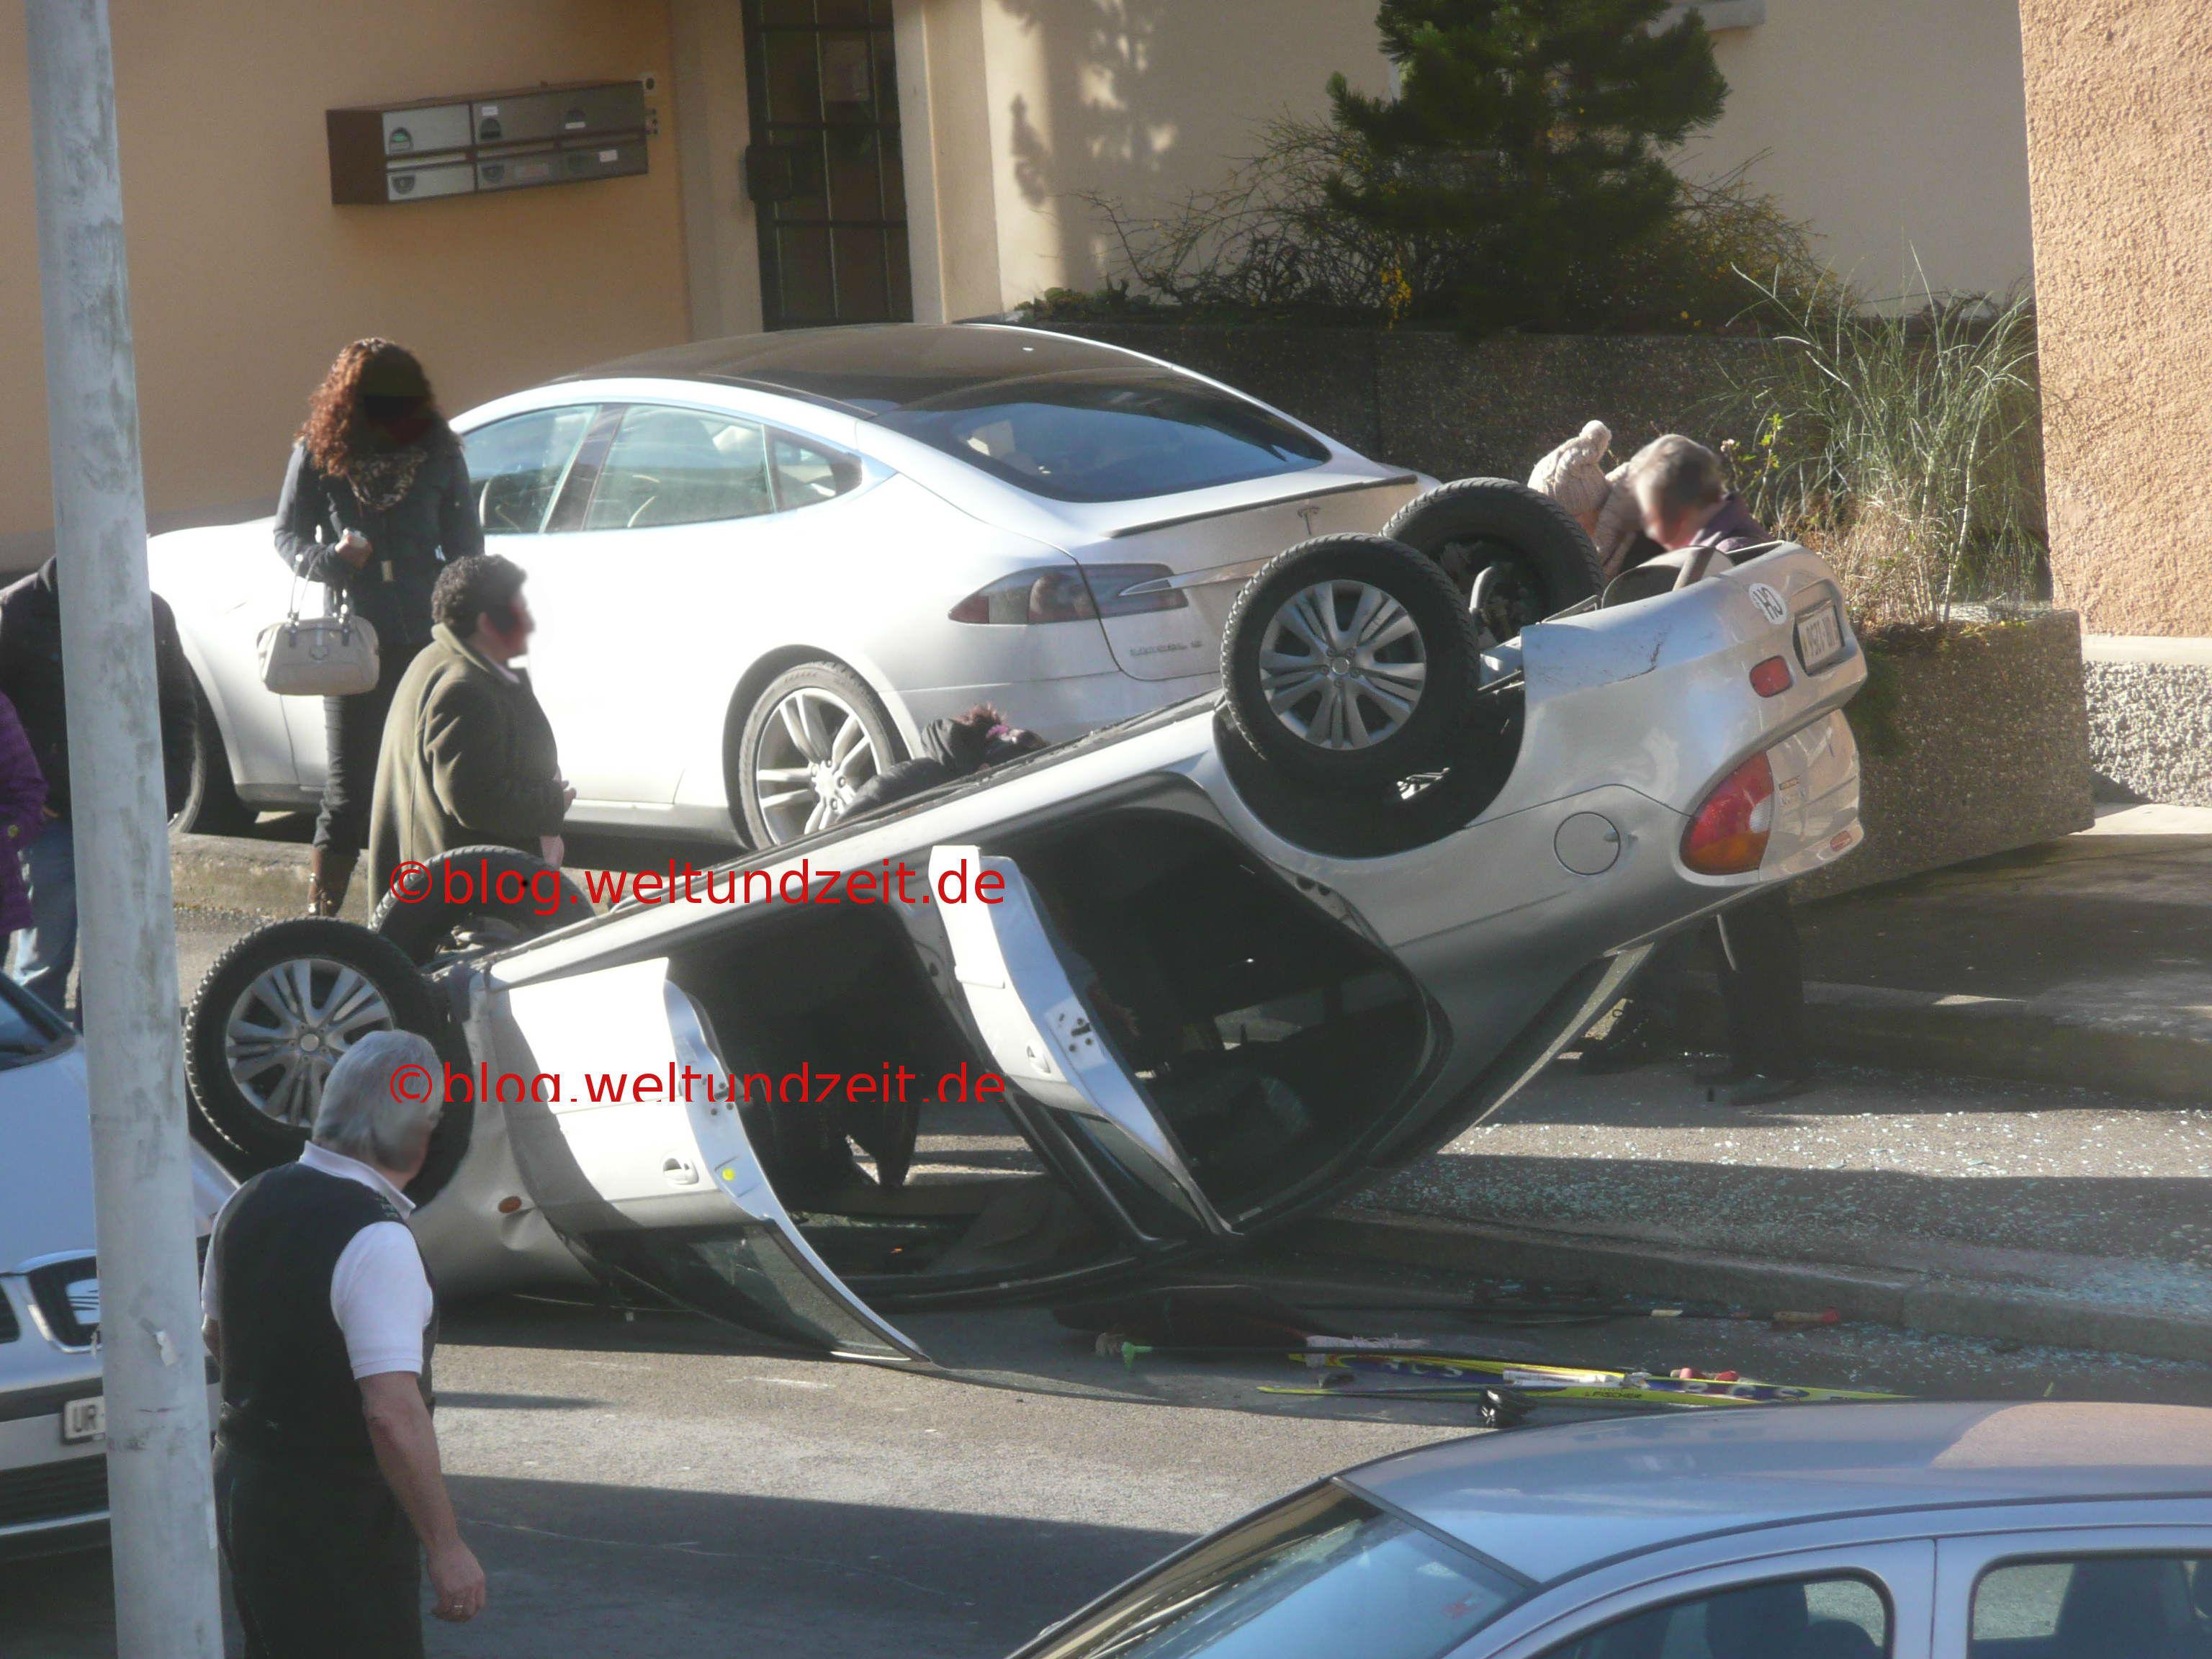 spektakulärer autounfall5